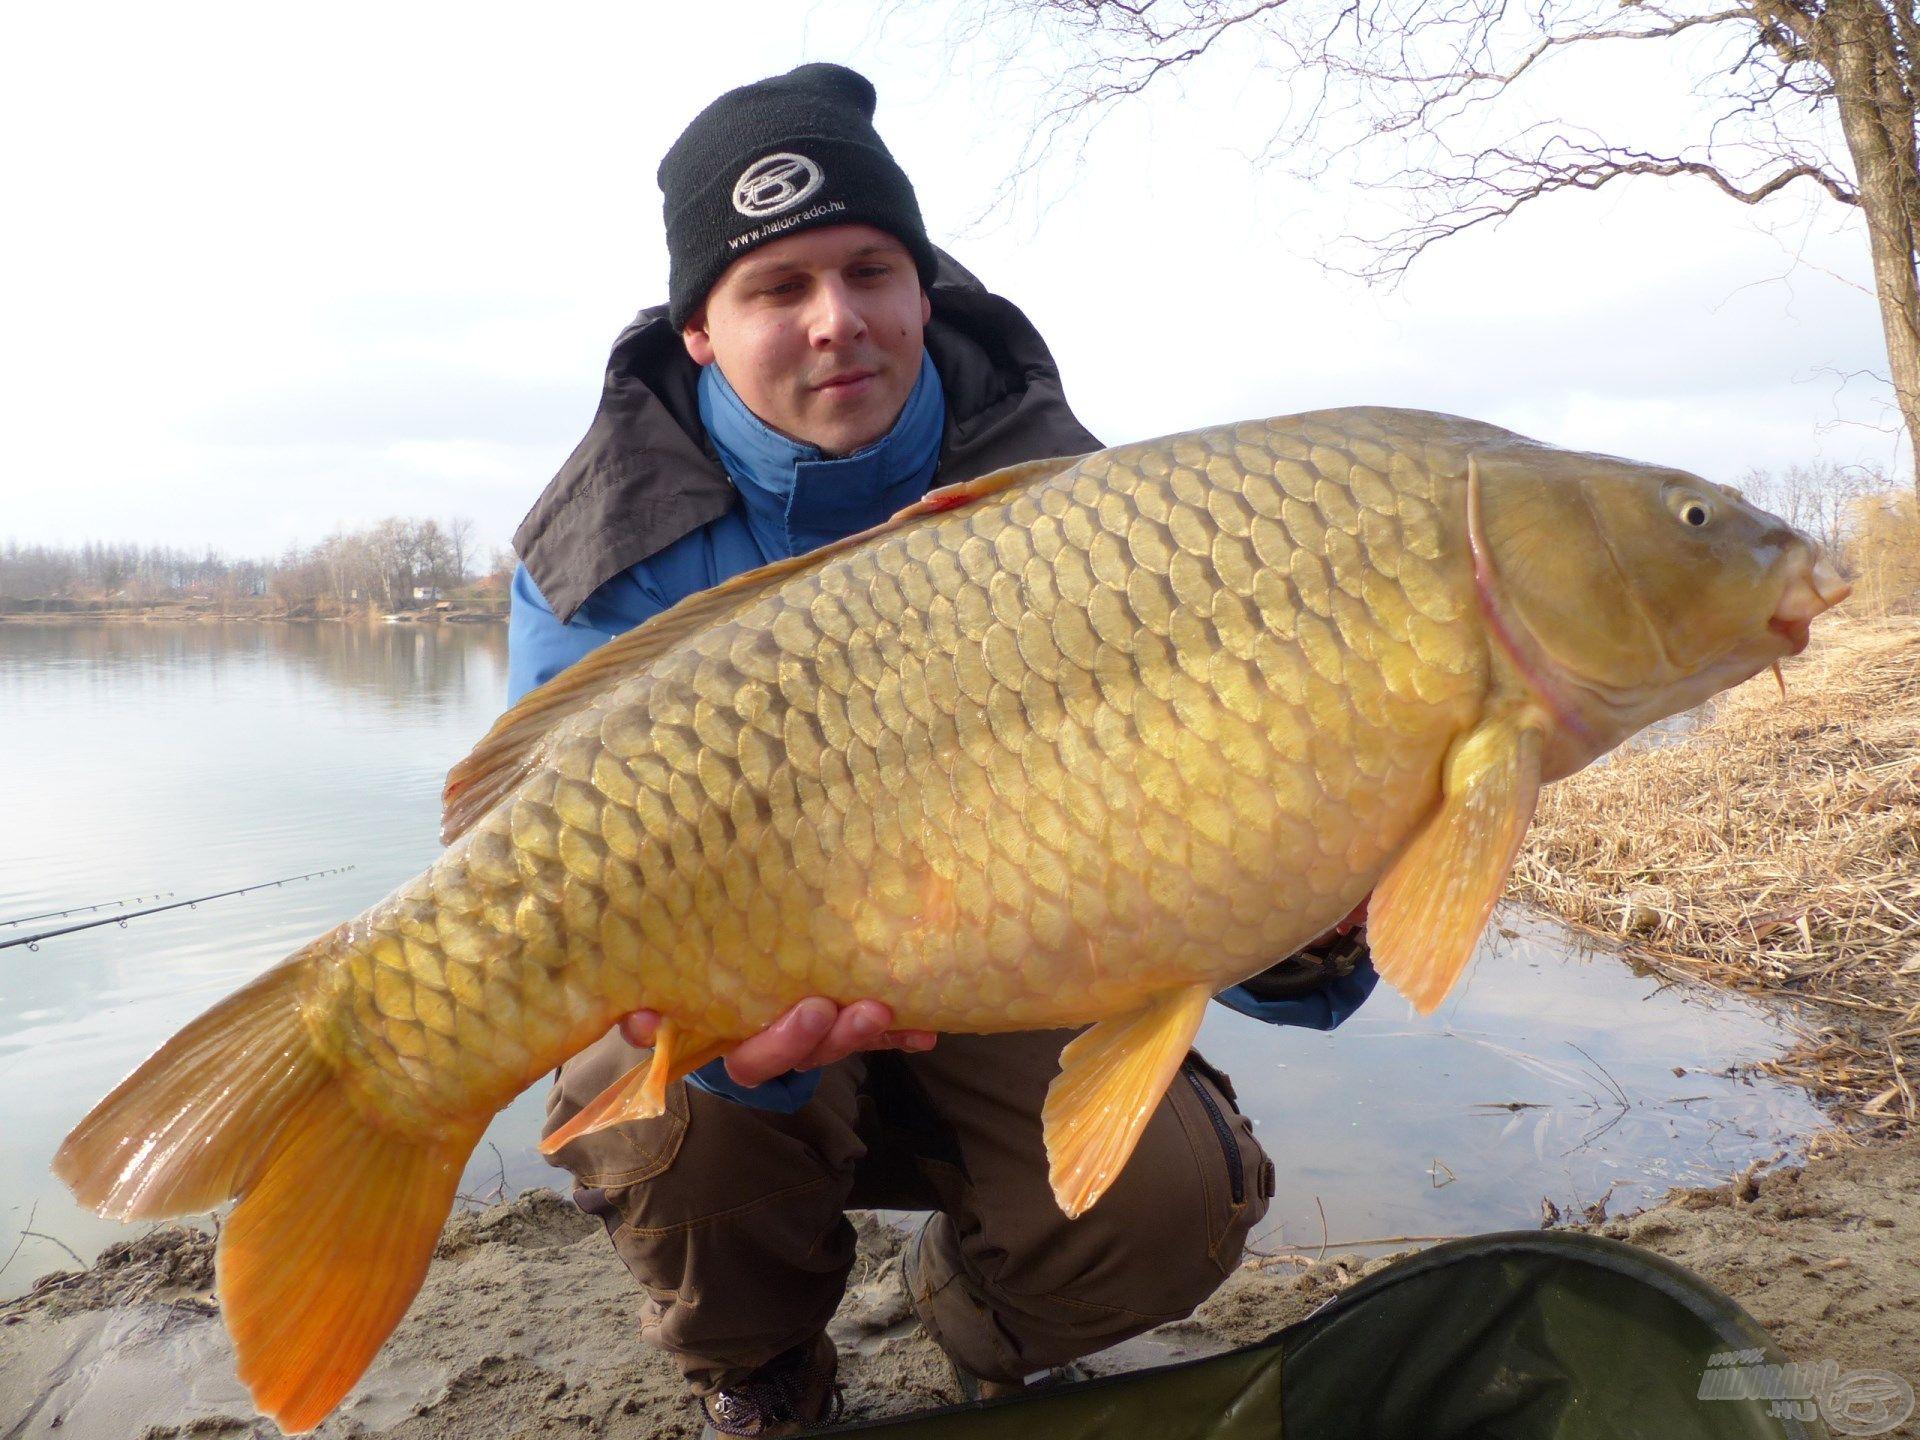 Az idei esztendő első 10 kg feletti hala volt ez a gyönyörű színekben pompázó tőponty